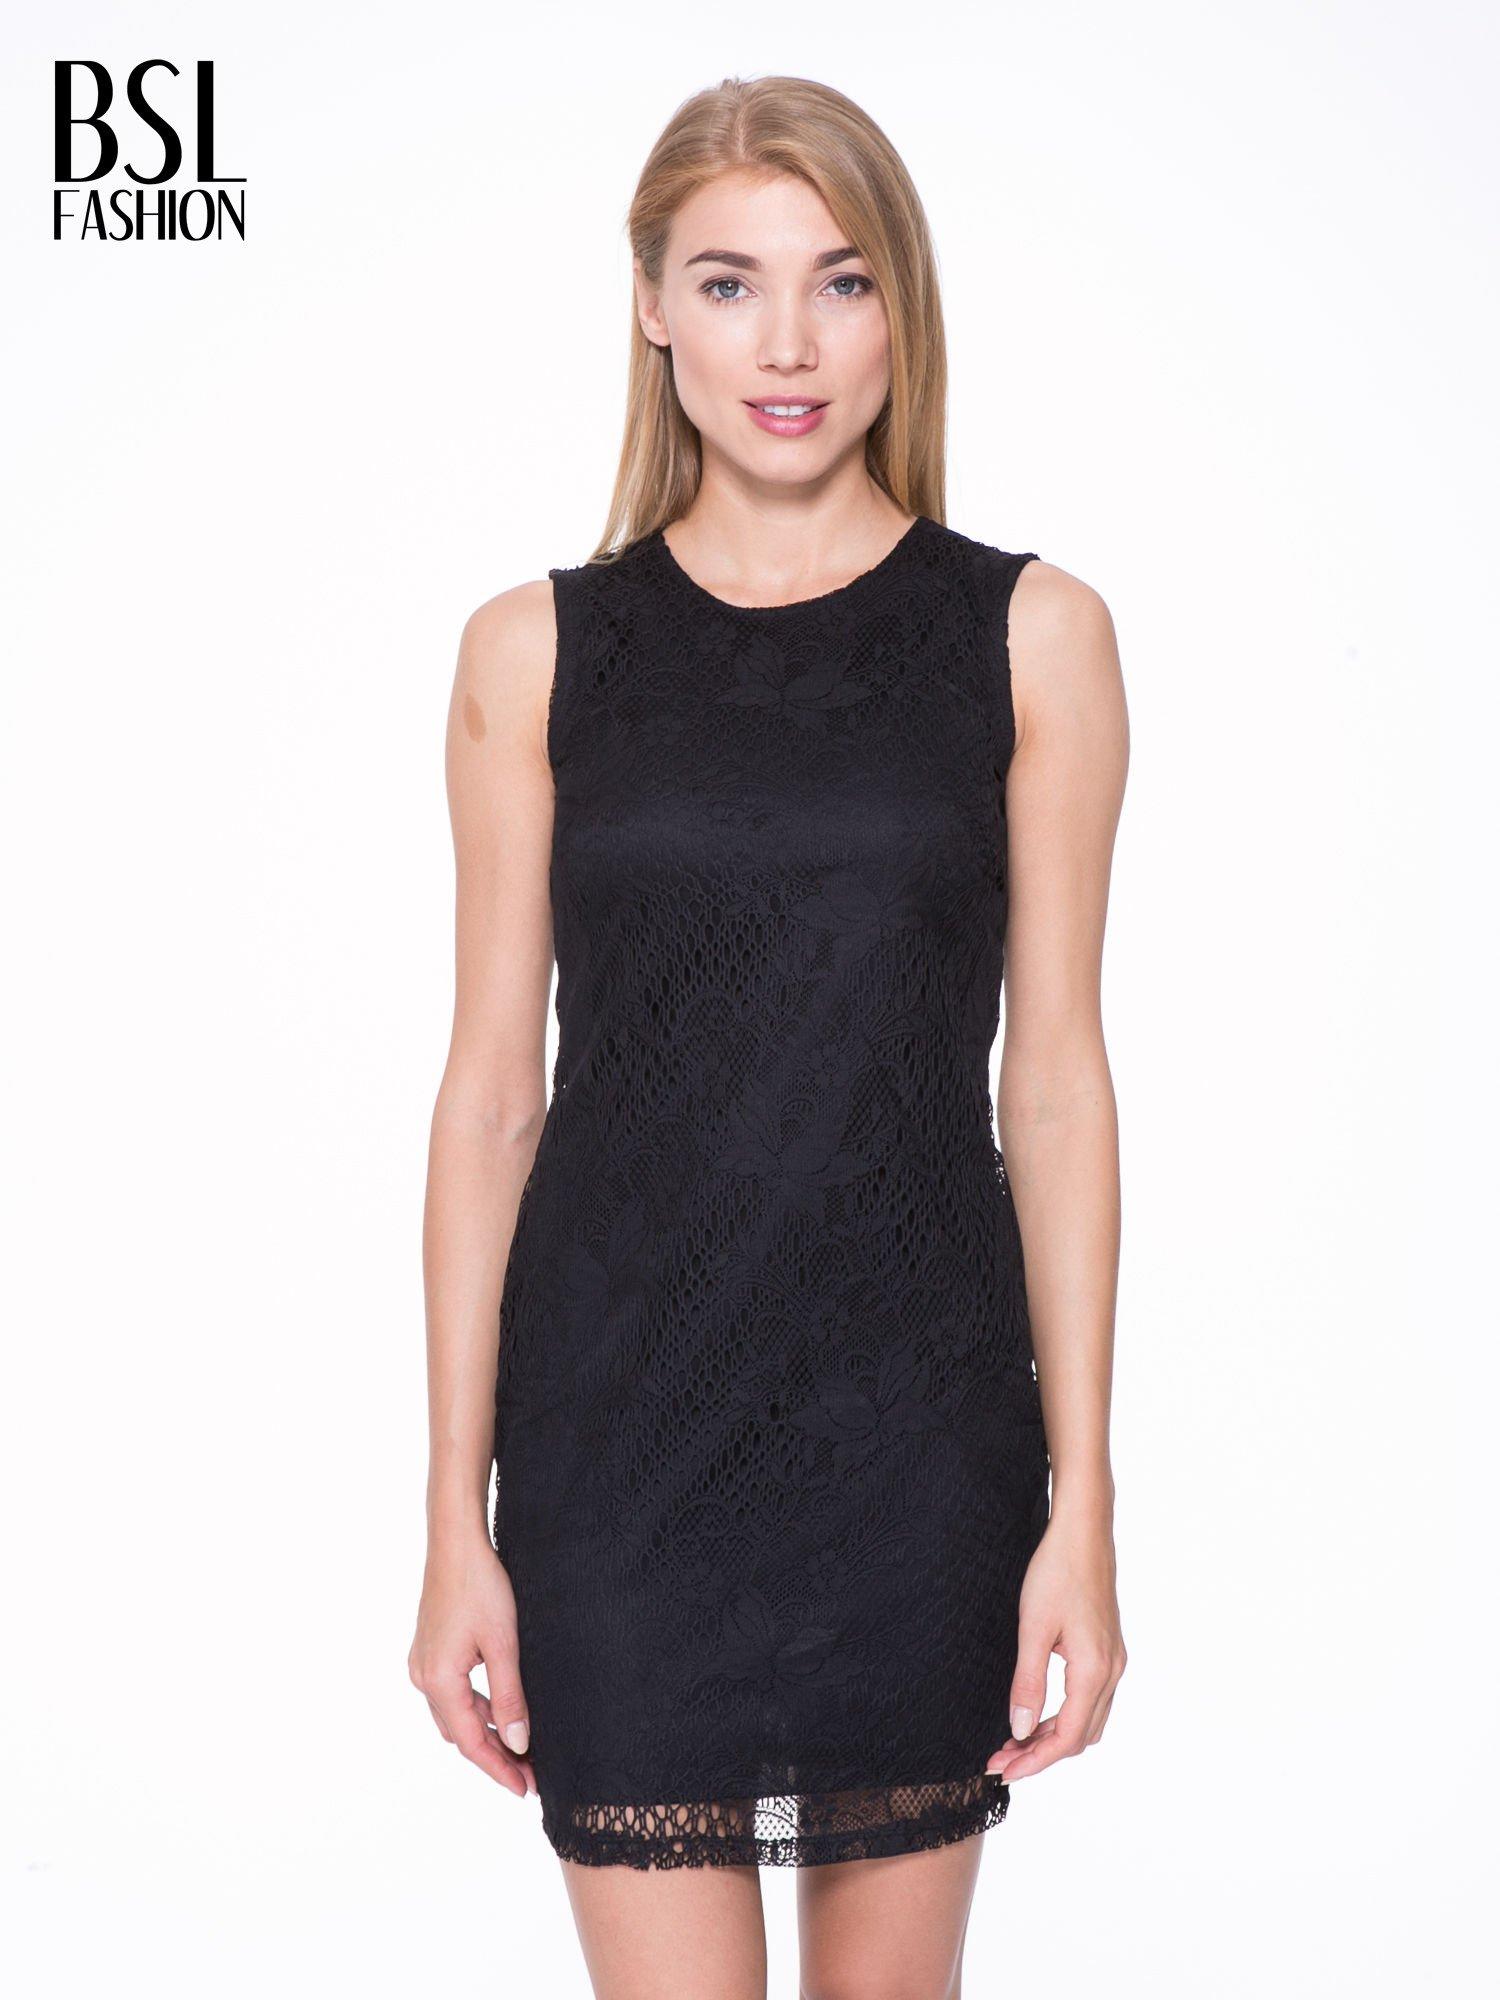 c3a4844600 Czarna koronkowa sukienka z wycięciem na plecach - Sukienka ...